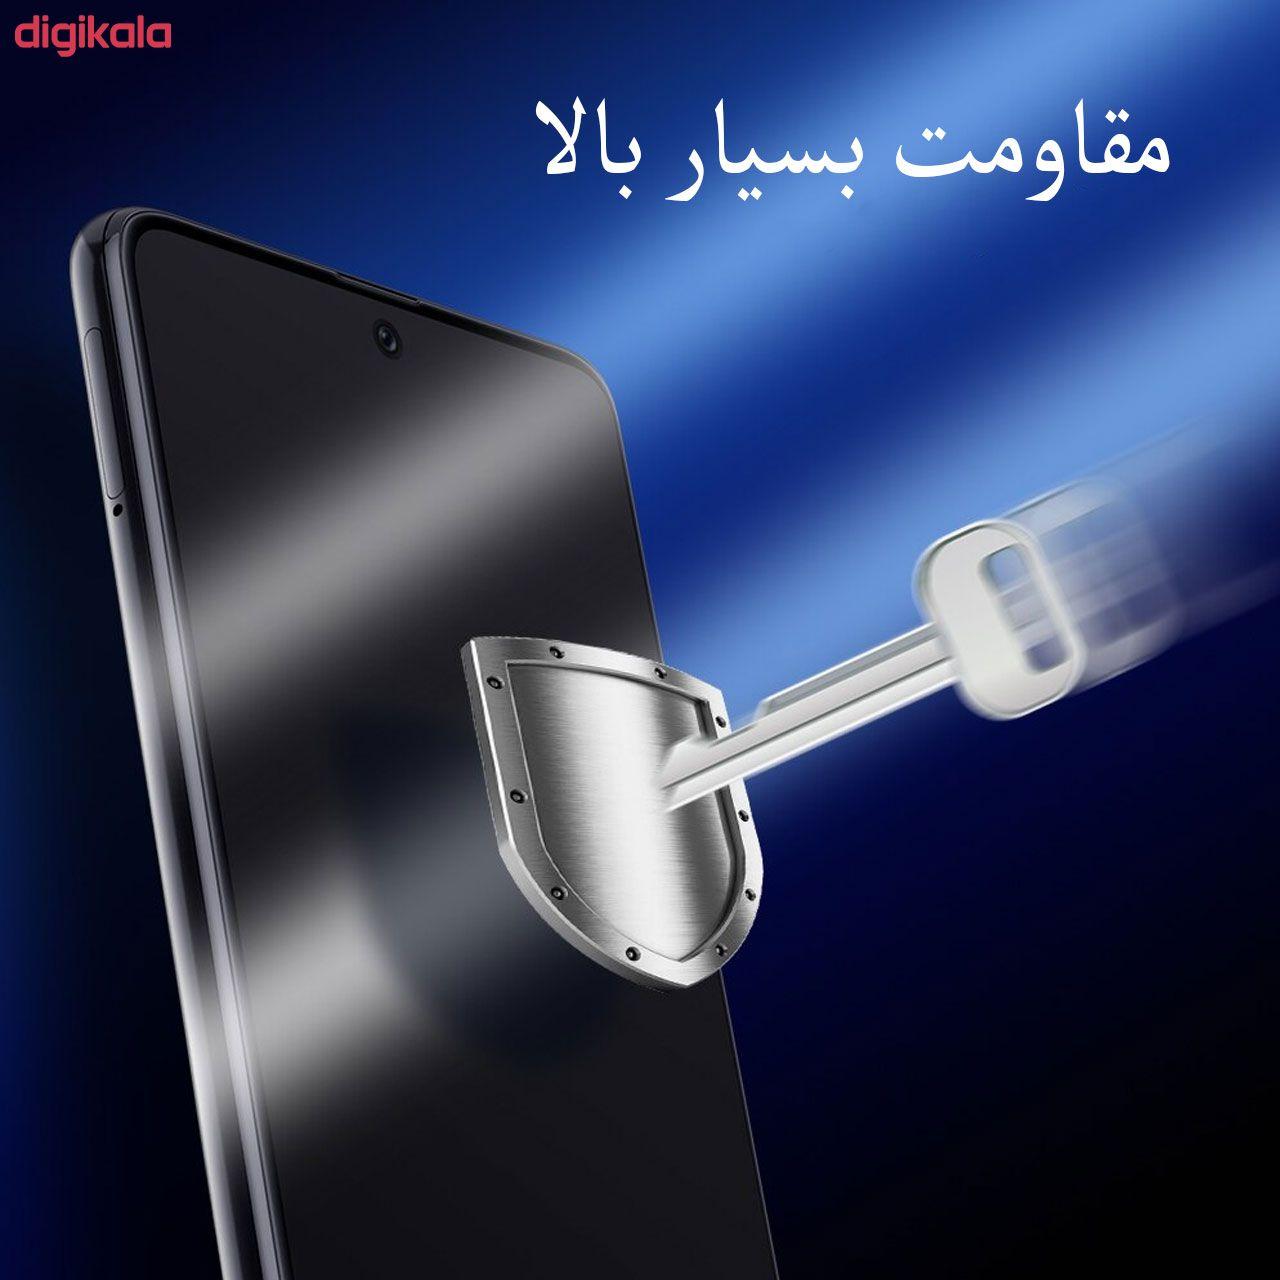 محافظ صفحه نمایش مدل FCG مناسب برای گوشی موبایل شیائومی Redmi Note 9 Pro بسته سه عددی main 1 2